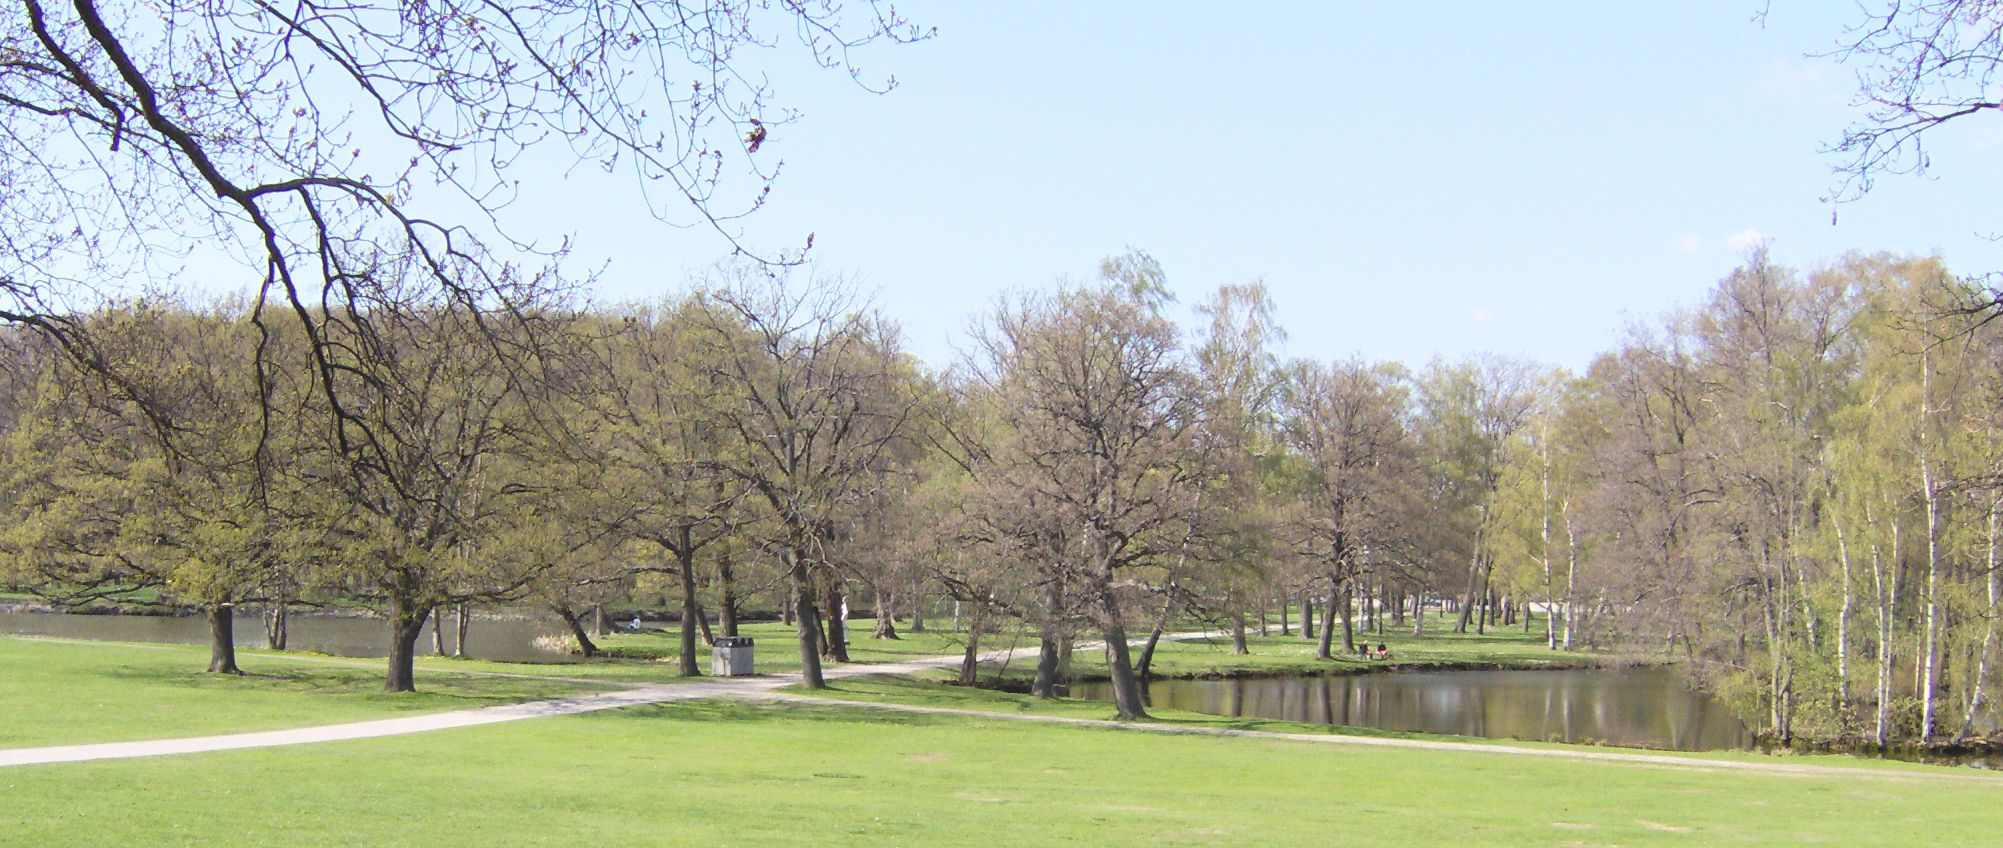 Jardin inglés Drottningholm